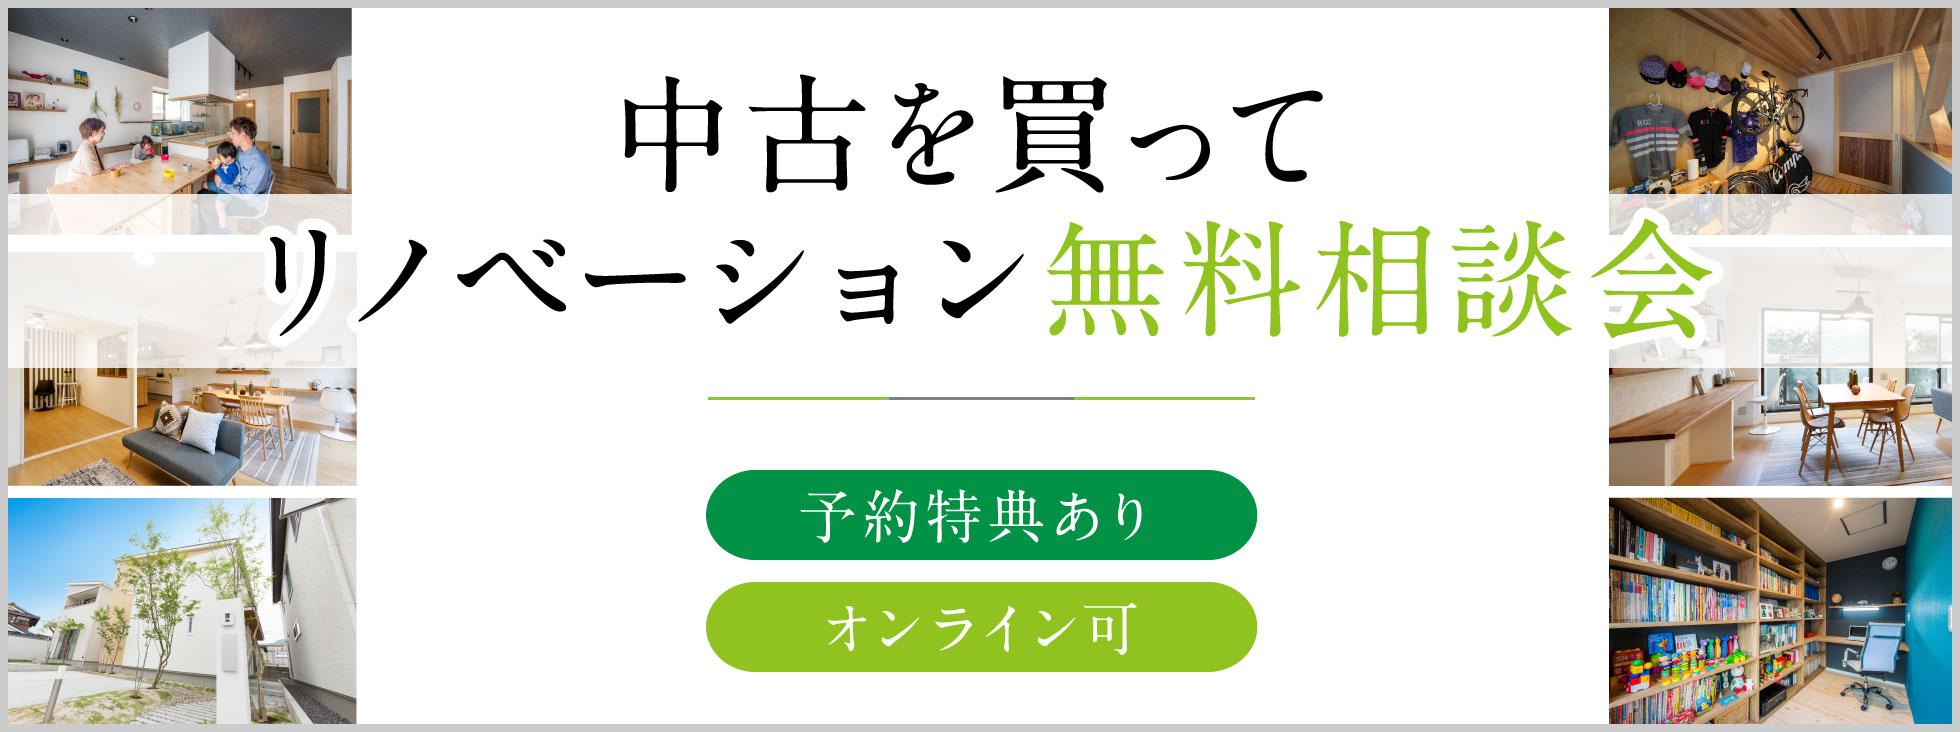 リノベーション無料相談会